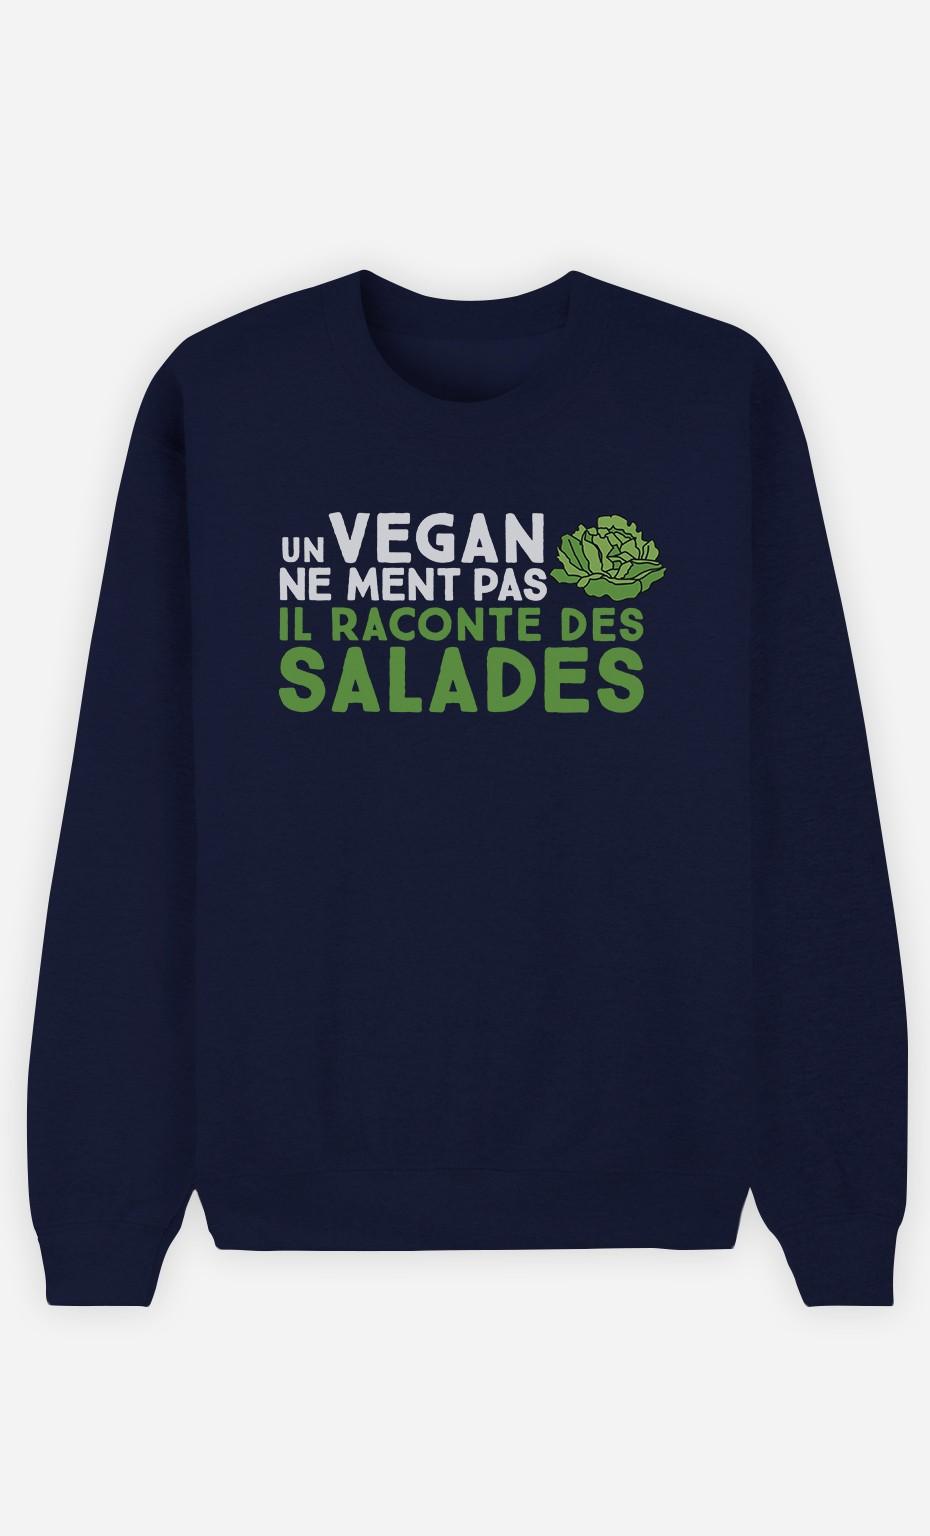 Sweat Homme Un vegan ne ment pas